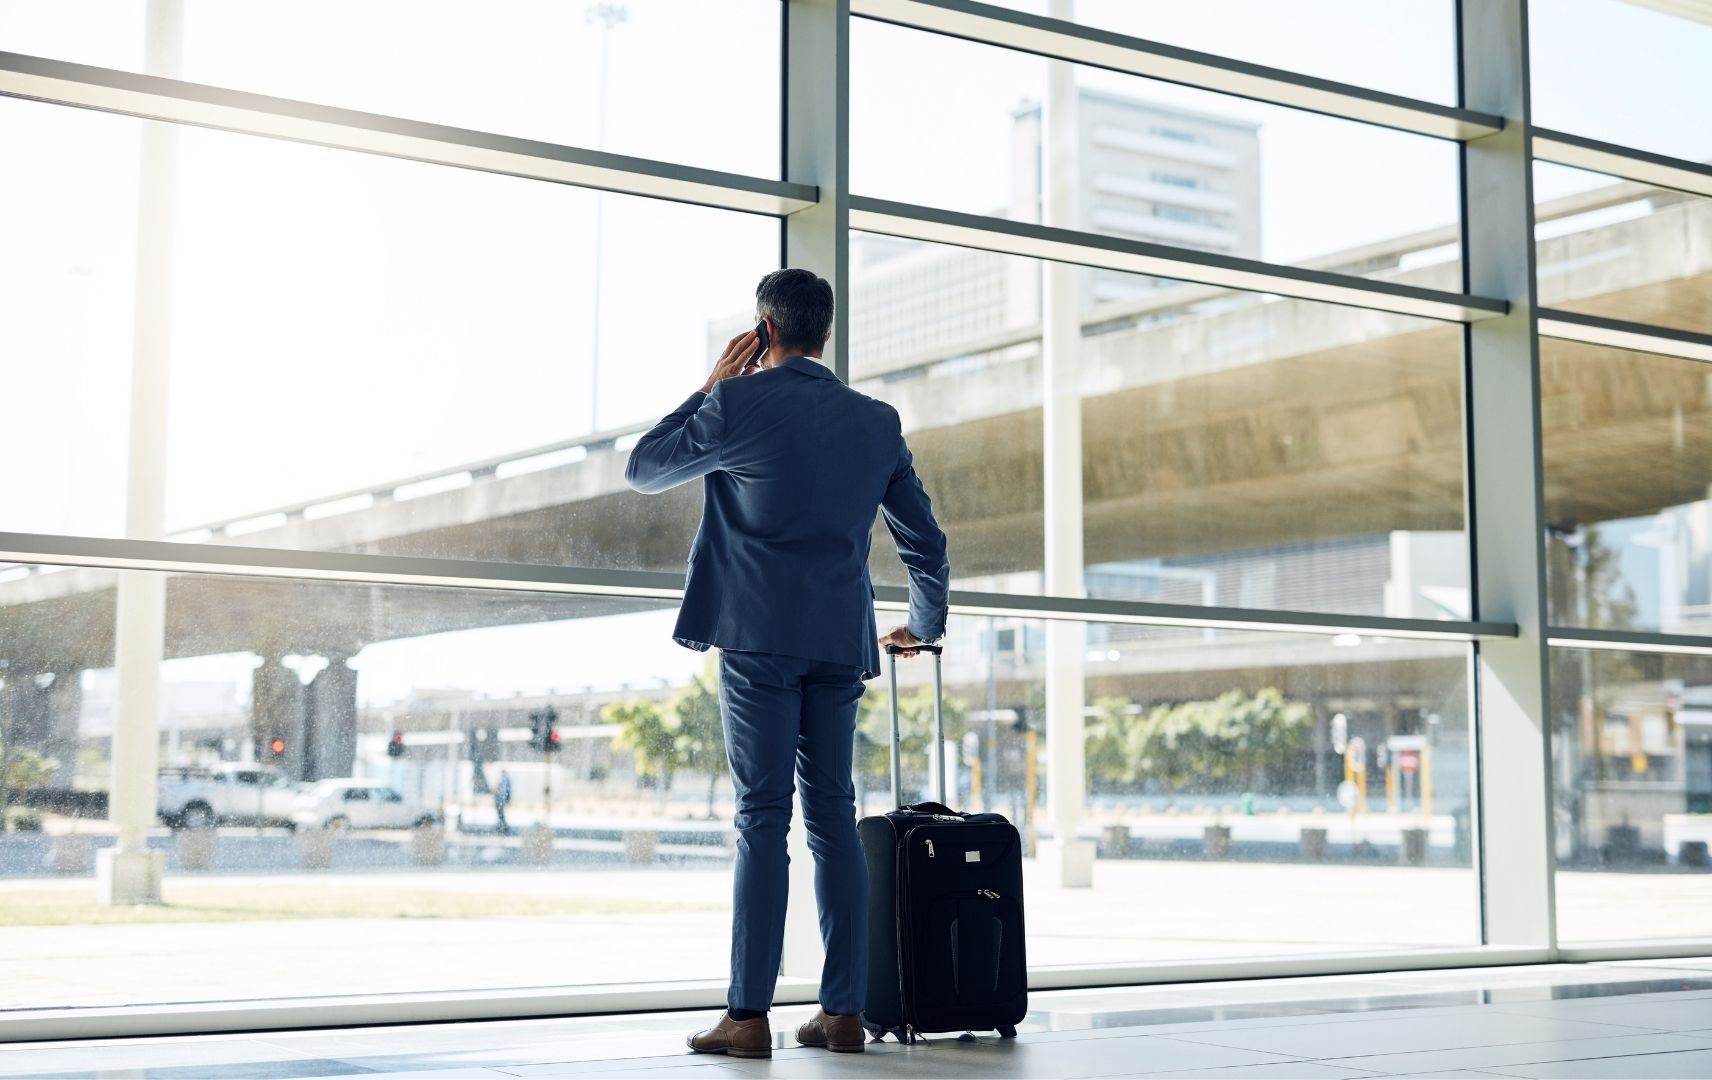 Business Mann am Flughafen telefoniert